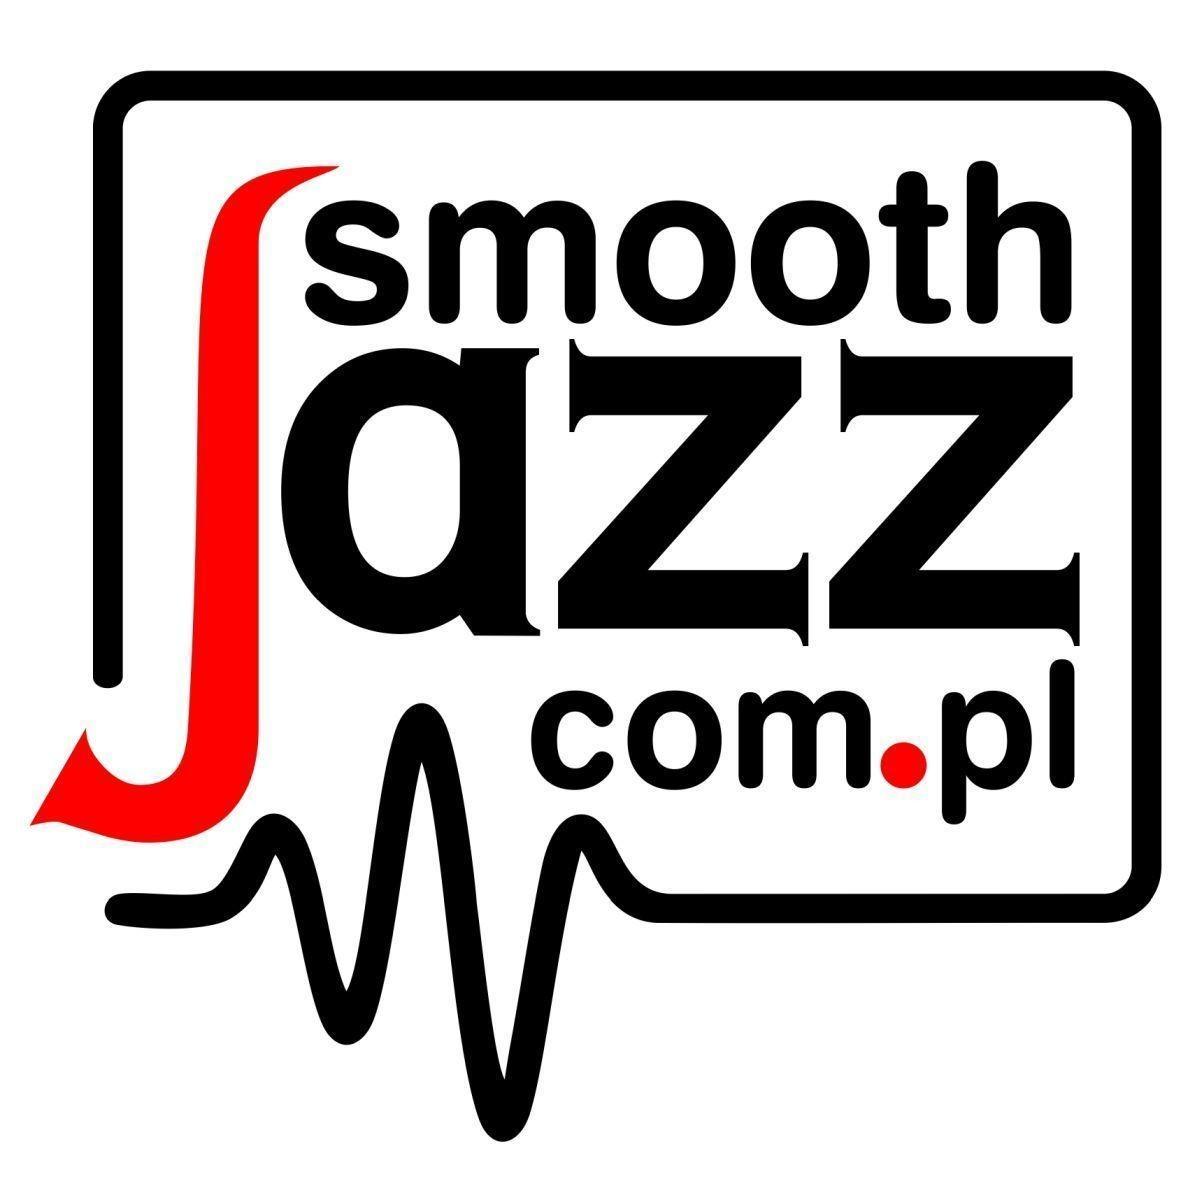 Profilo Smoothjazz.com.pl Canal Tv